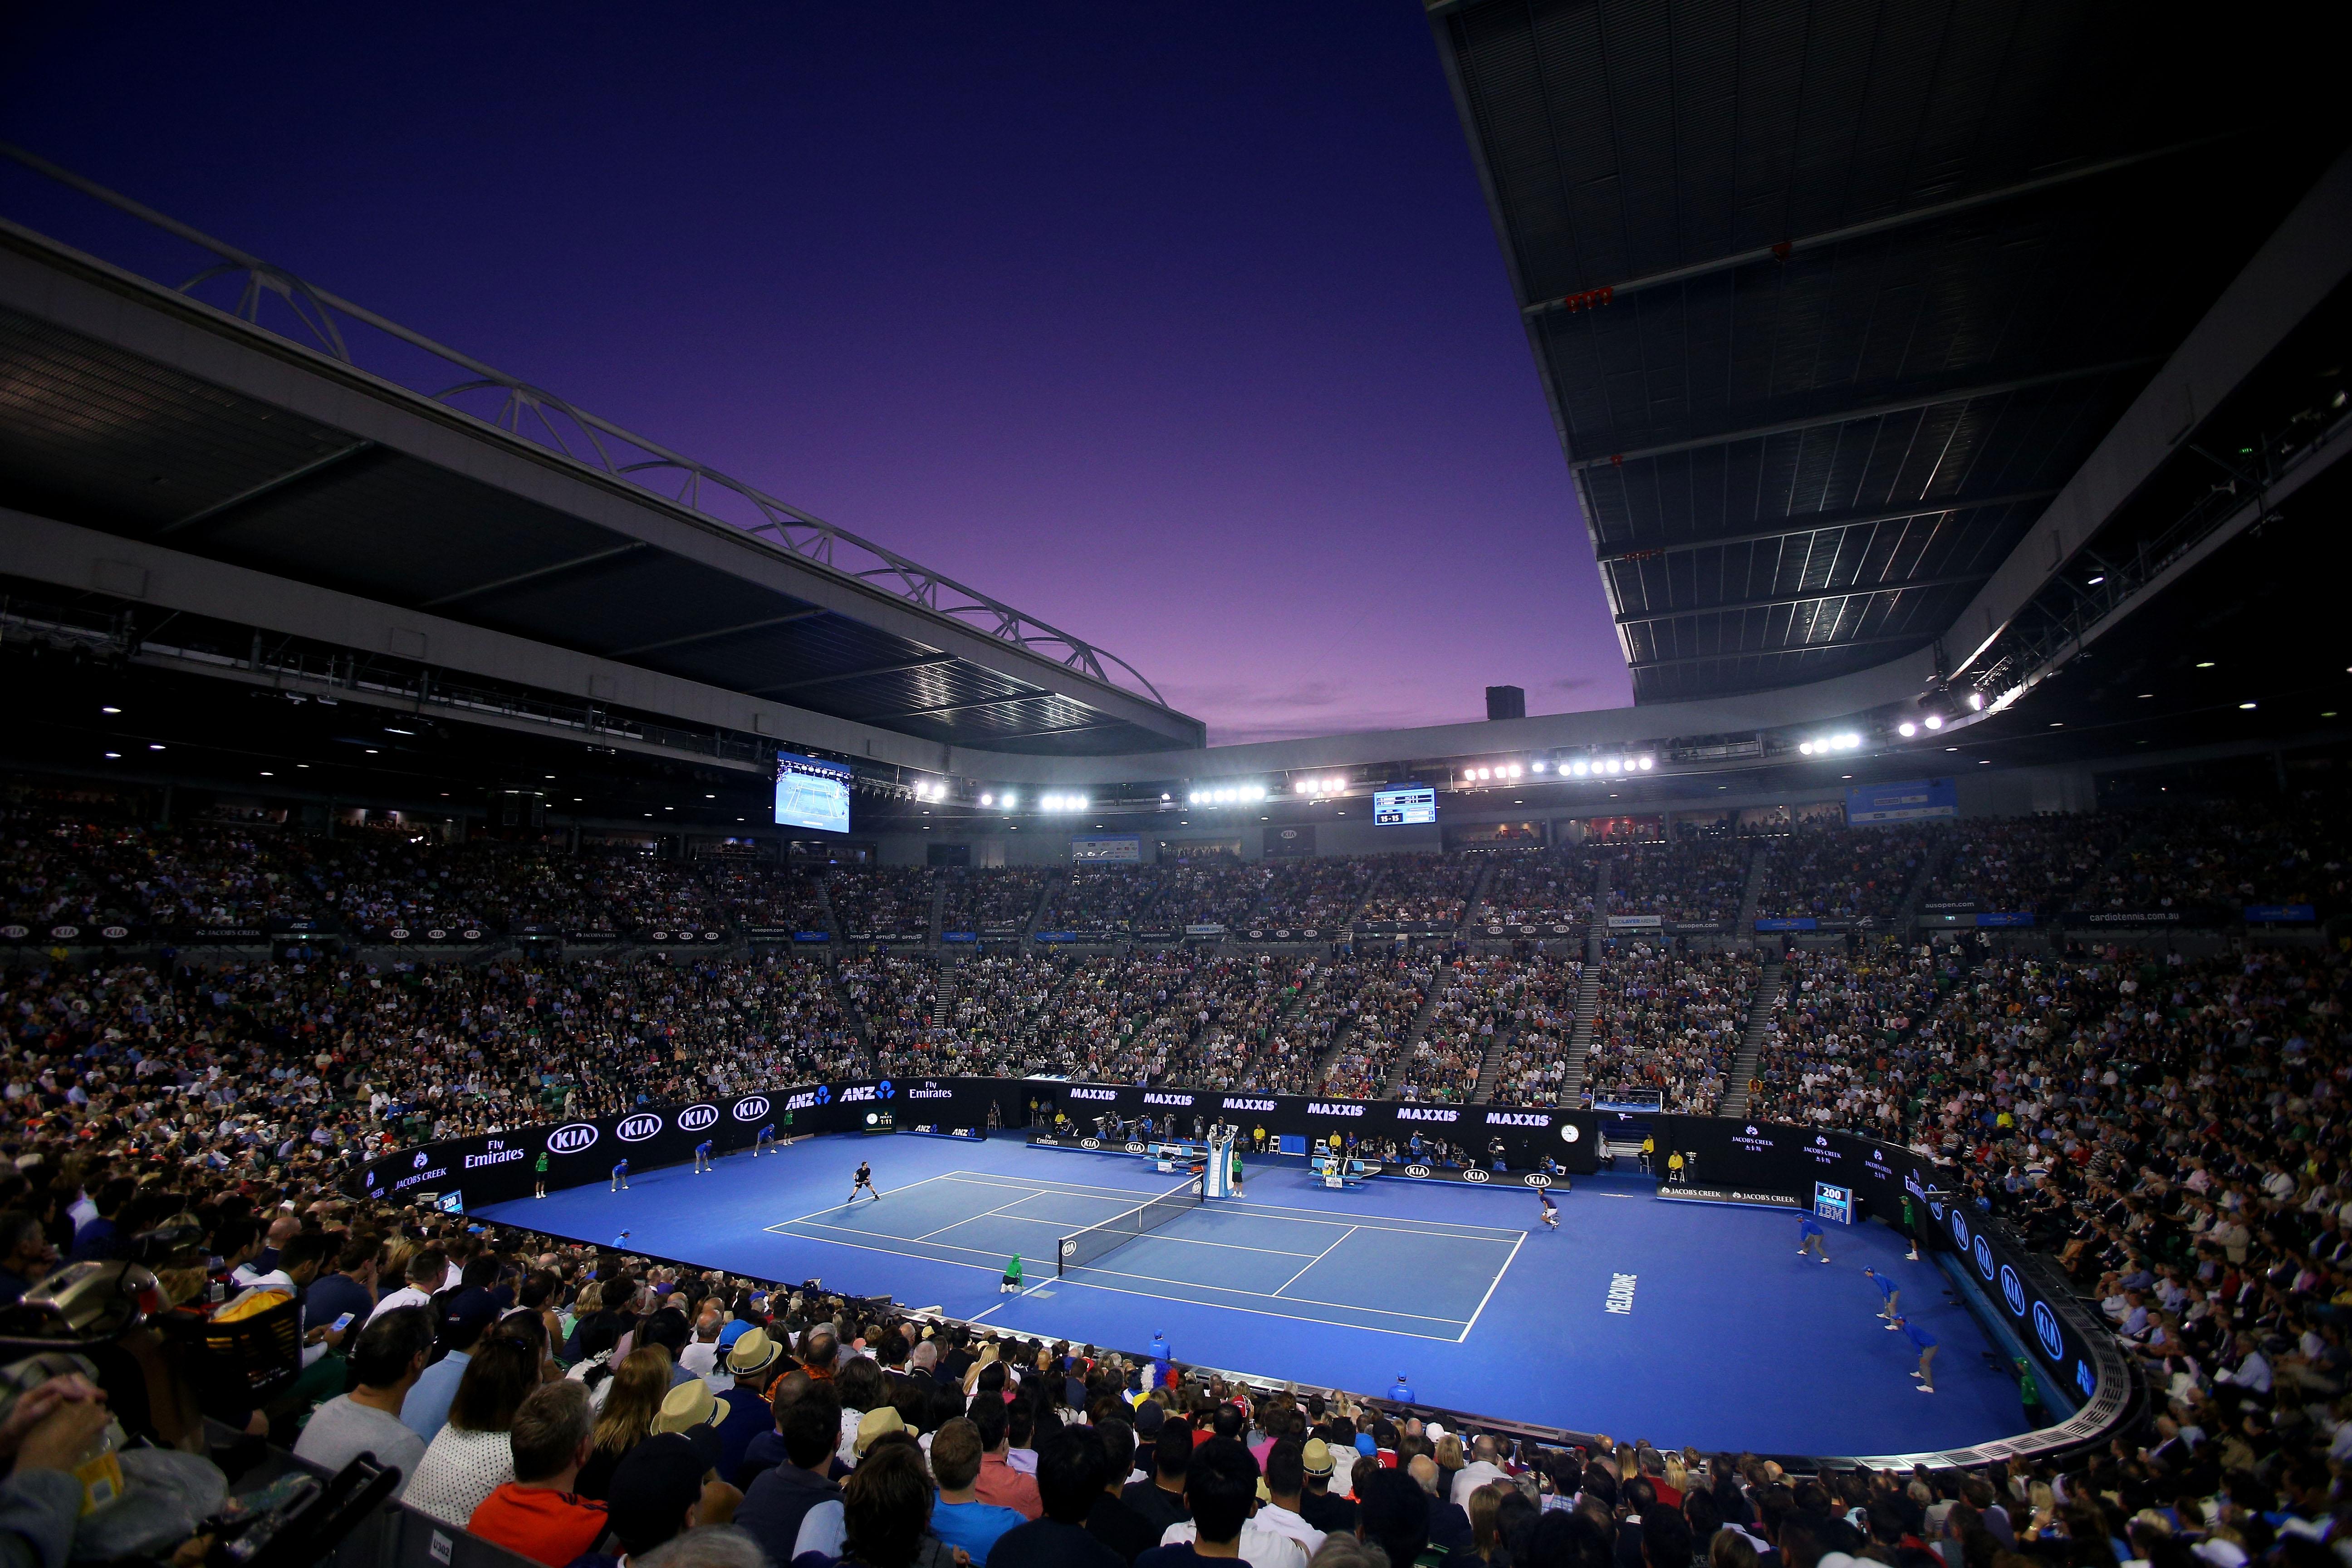 /home/clients/4fd9023a0c5a83a6f6e723509bc46df6/web/site/wp content/uploads/2016/06/Australian Open 2